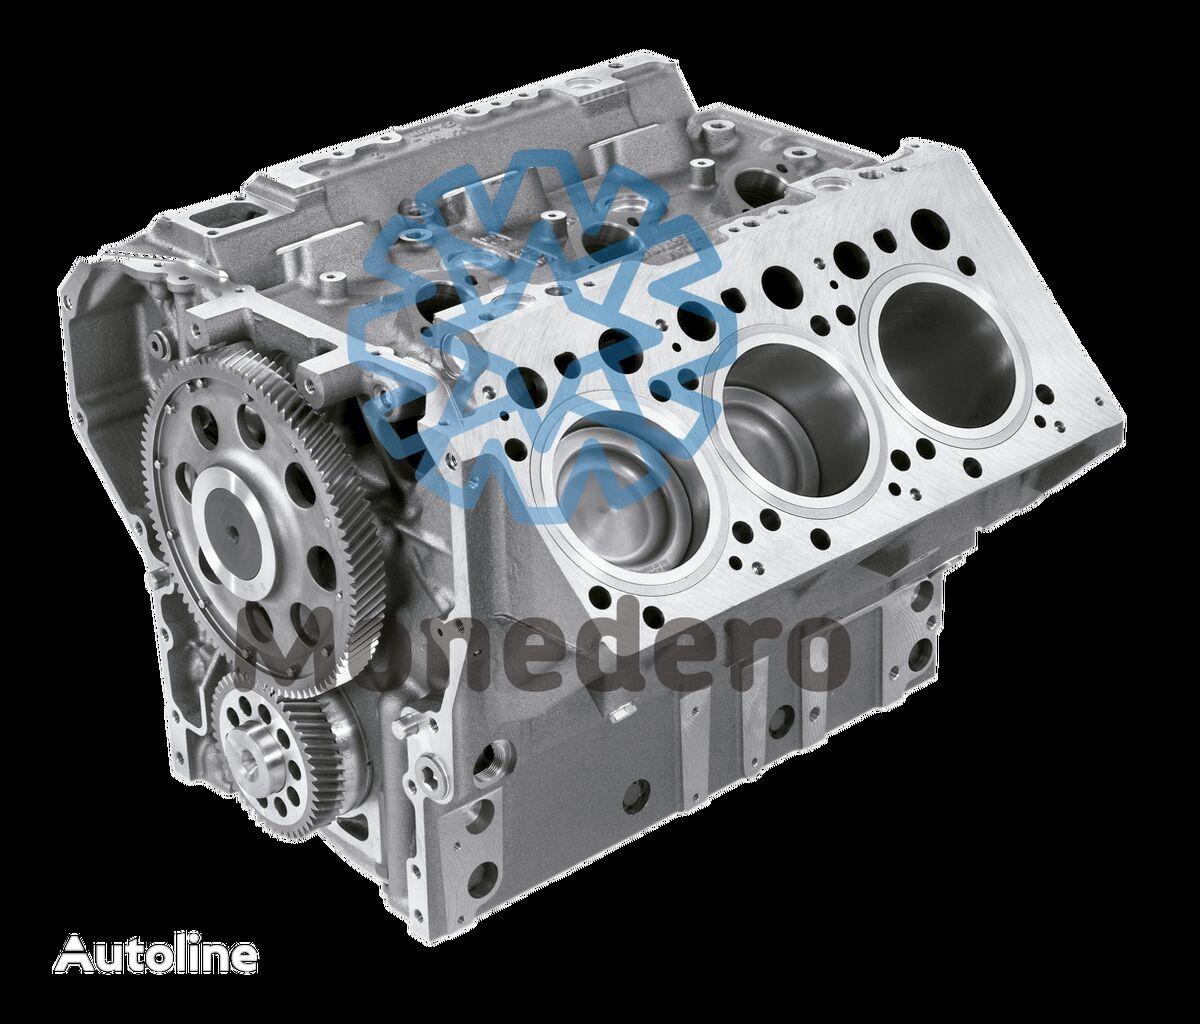 MERCEDES-BENZ SHORTBLOCK MONEDERO EURO 3/4/5 bloque motor para MERCEDES-BENZ camión